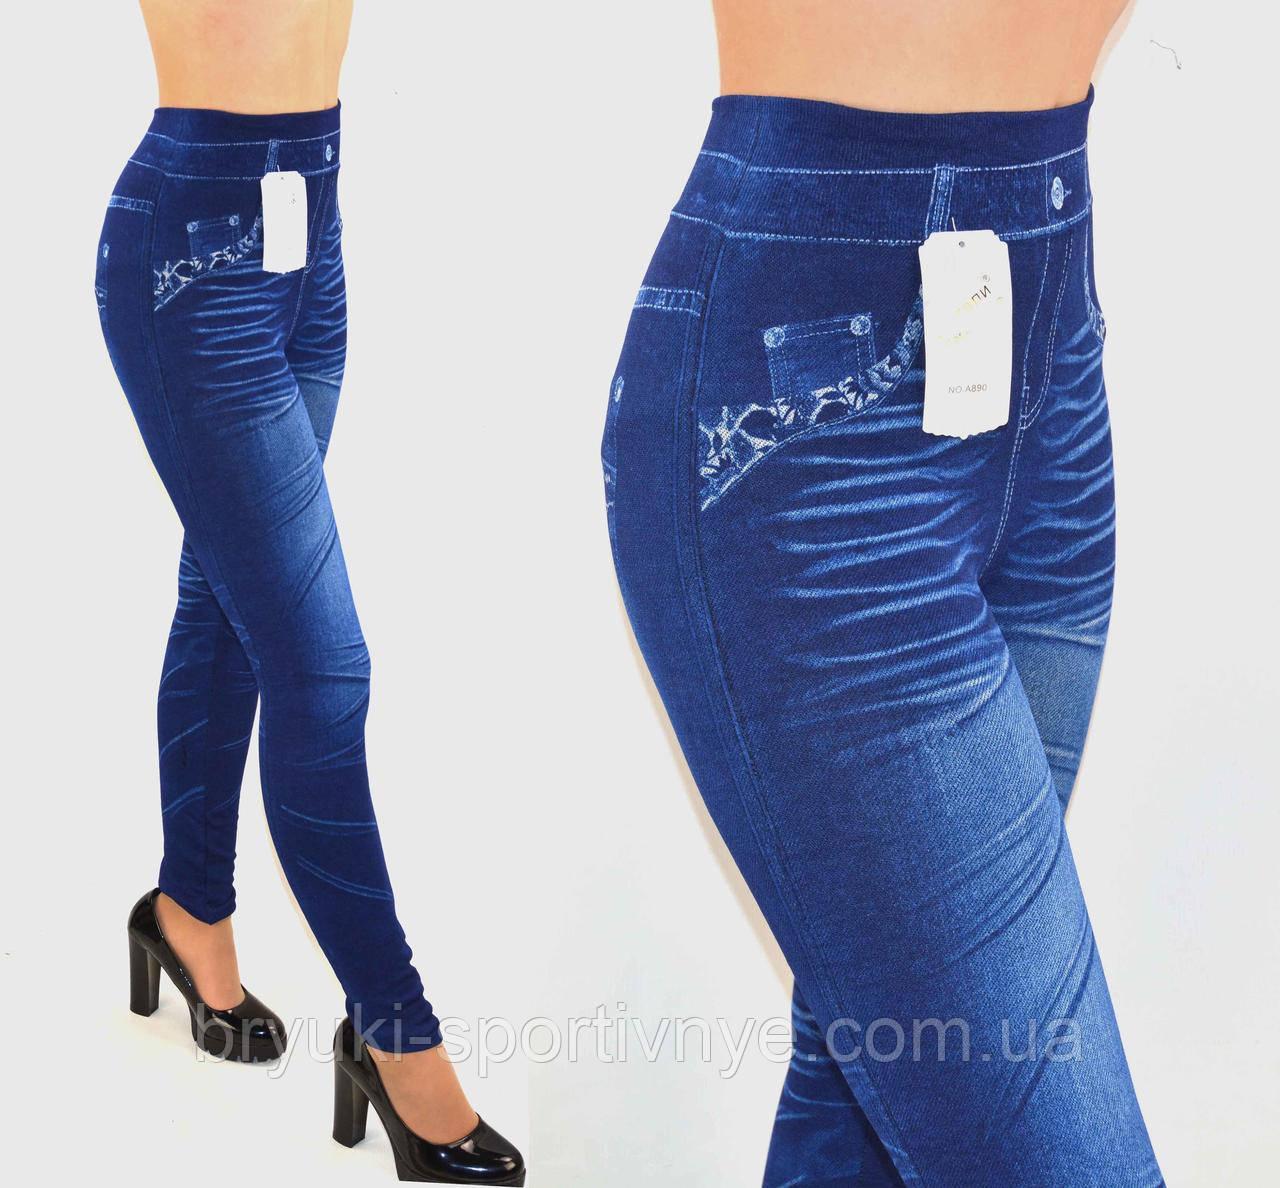 Лосины под джинс на махровой подкладке